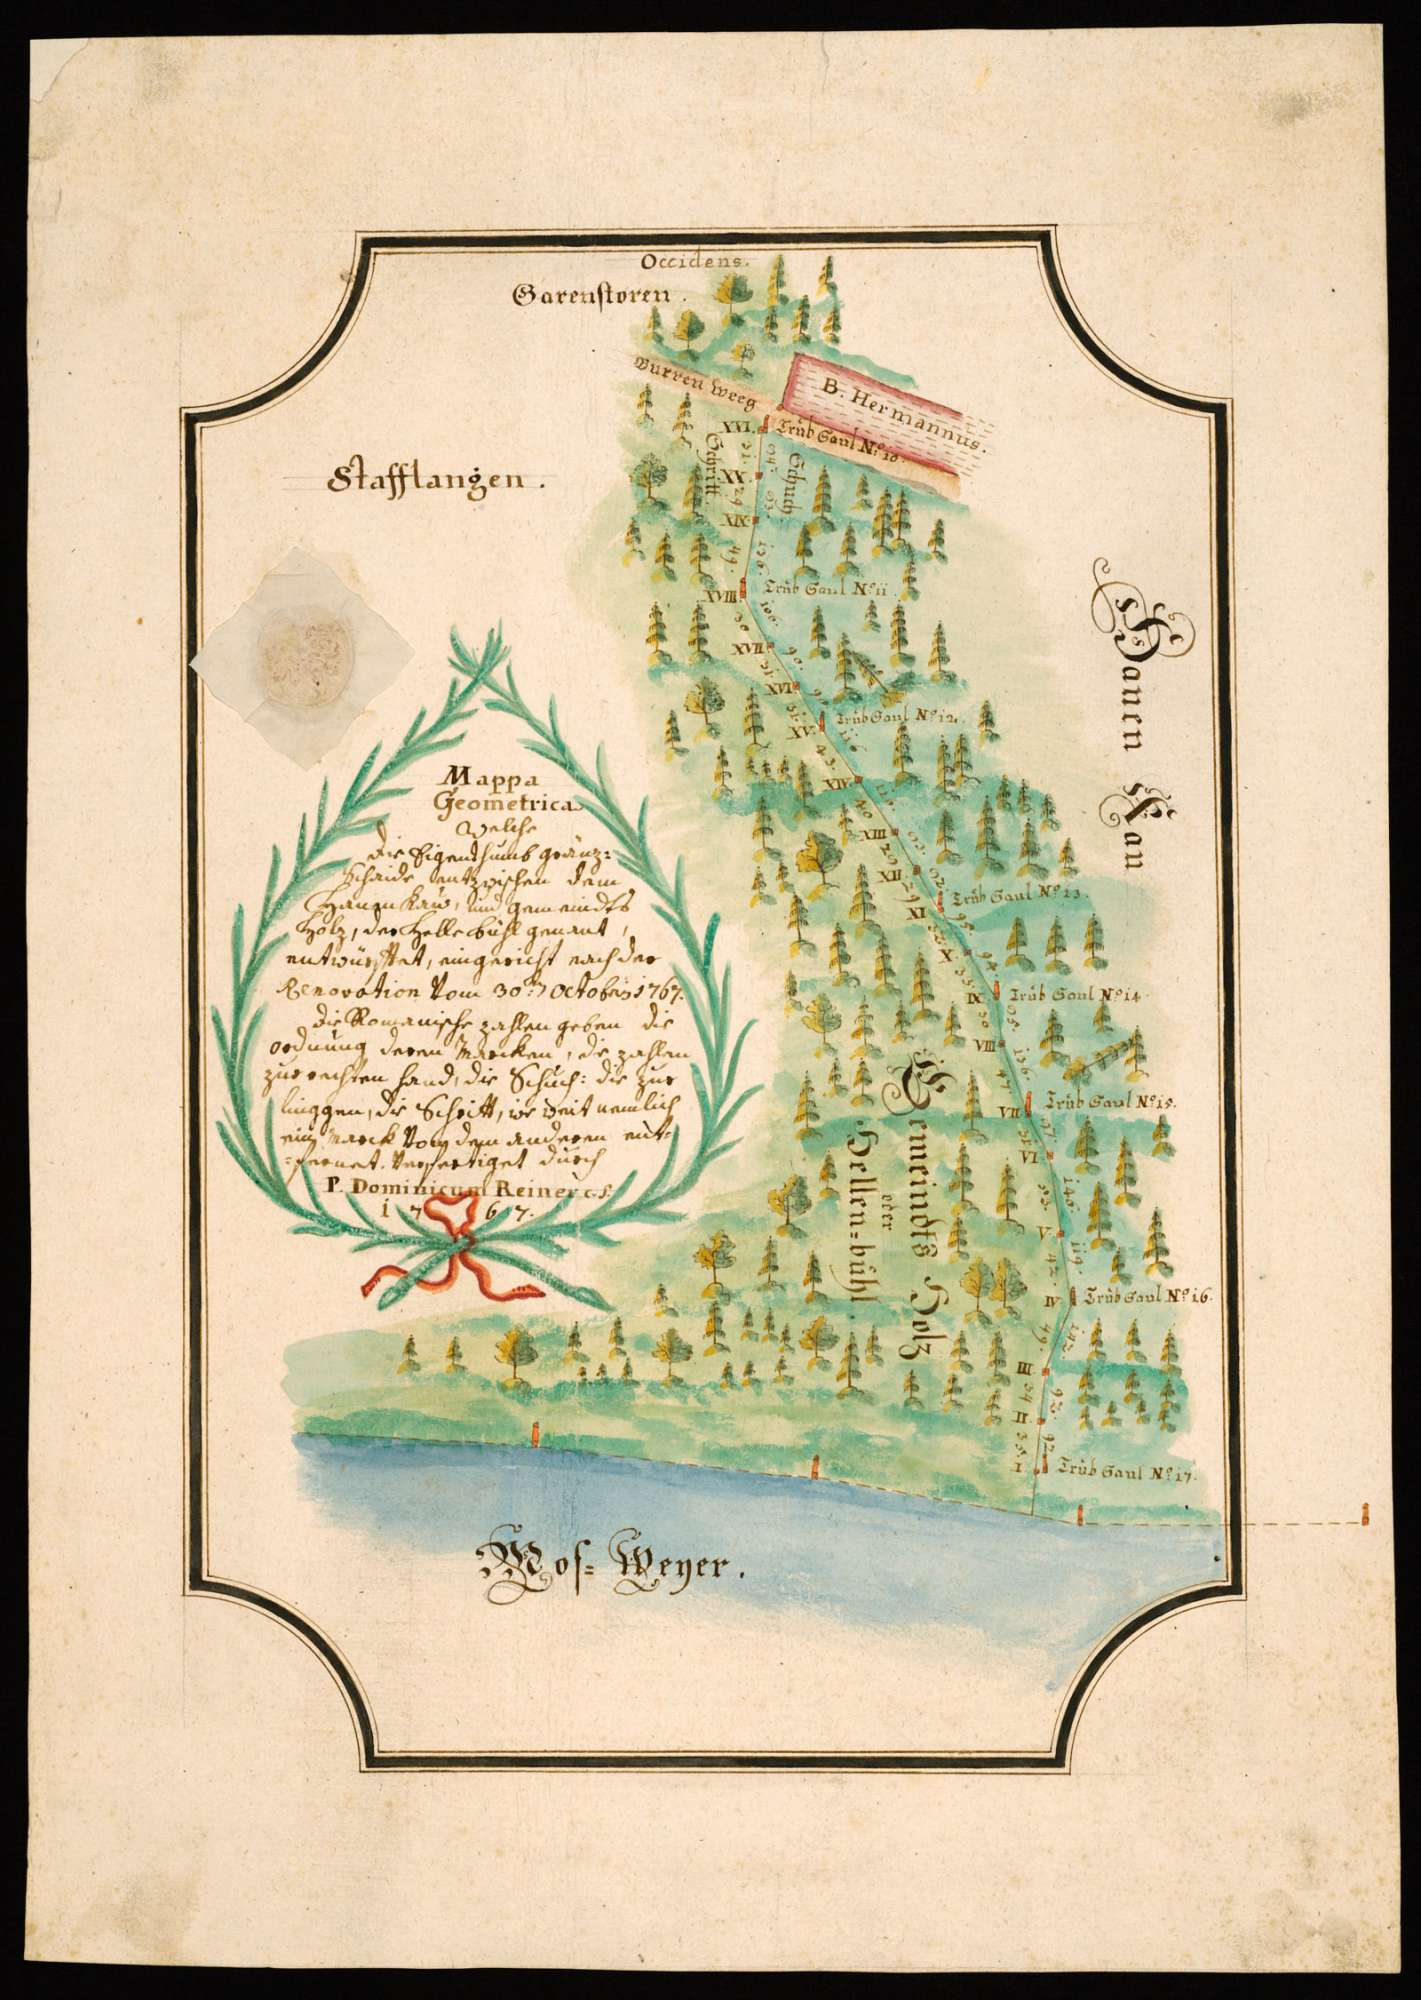 """Stafflangen """"Mappa Geometrica, welche die Eigentums-Grenzscheide zwischen dem Hahnen-Ghau und dem Gemeindsholz, der Hellenbühl genannt, entwirft""""., Bild 2"""